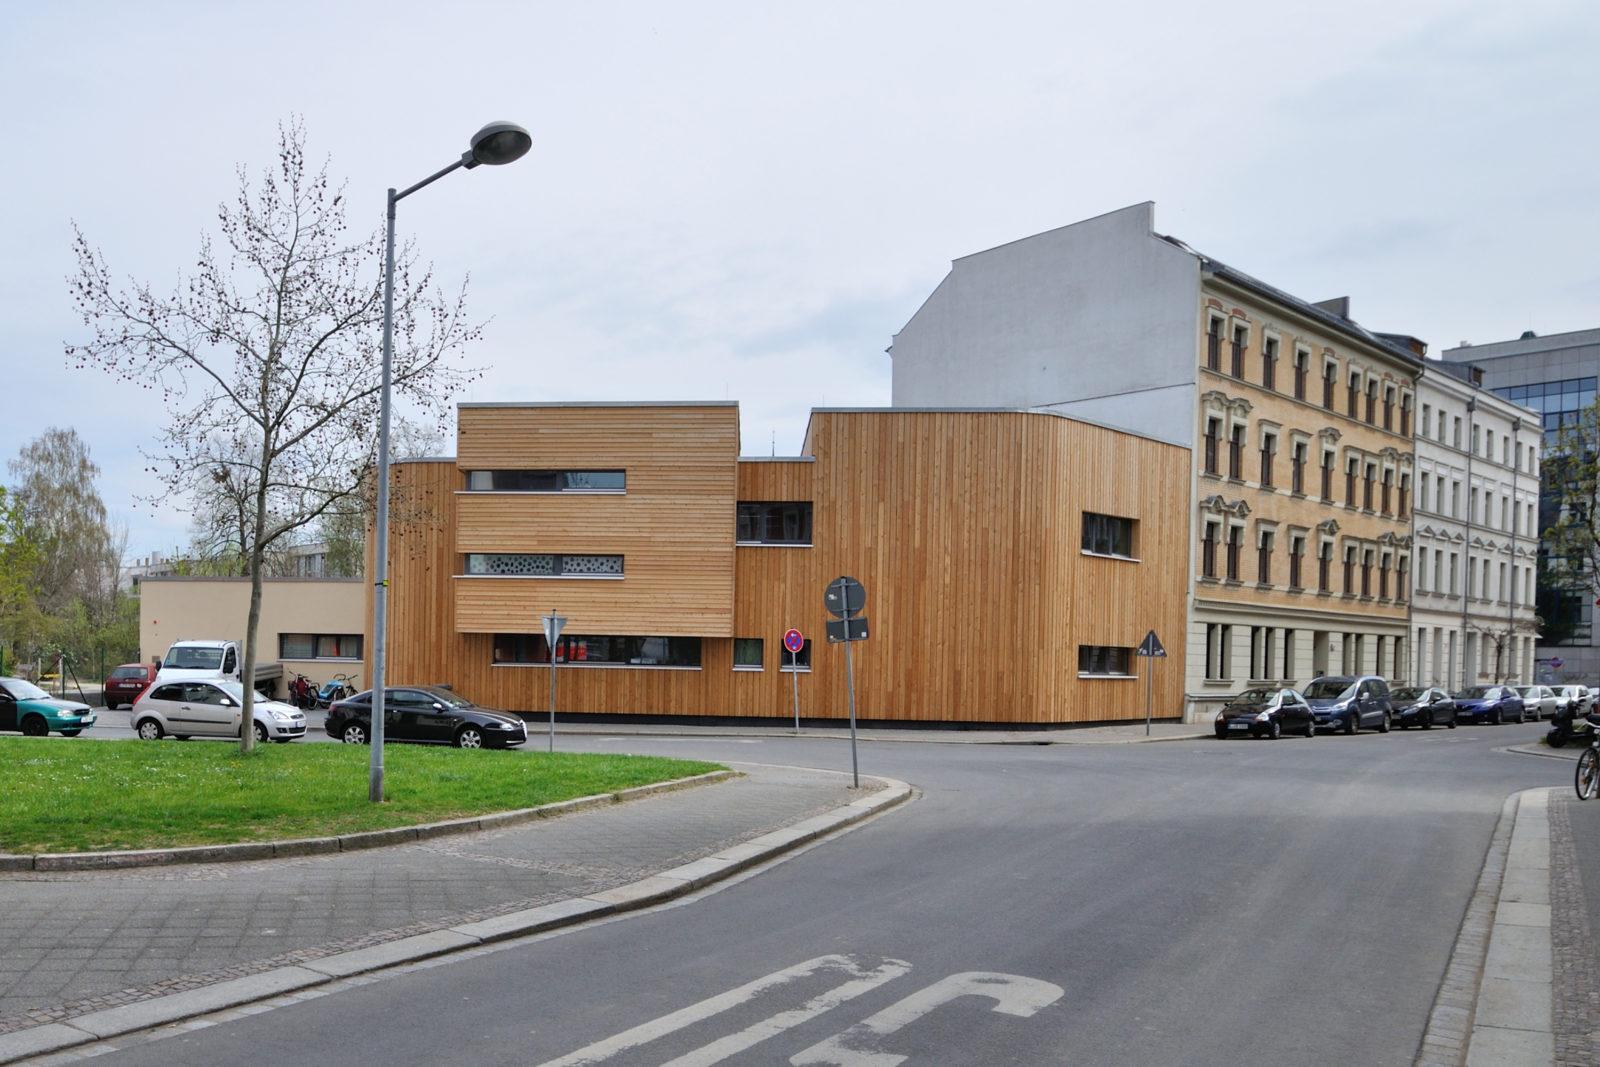 """Neubau Kita """"Treffpunkt Linde"""", Haus Ahorn, Leipzig-Plagwitz - Ansicht Straßenseite"""